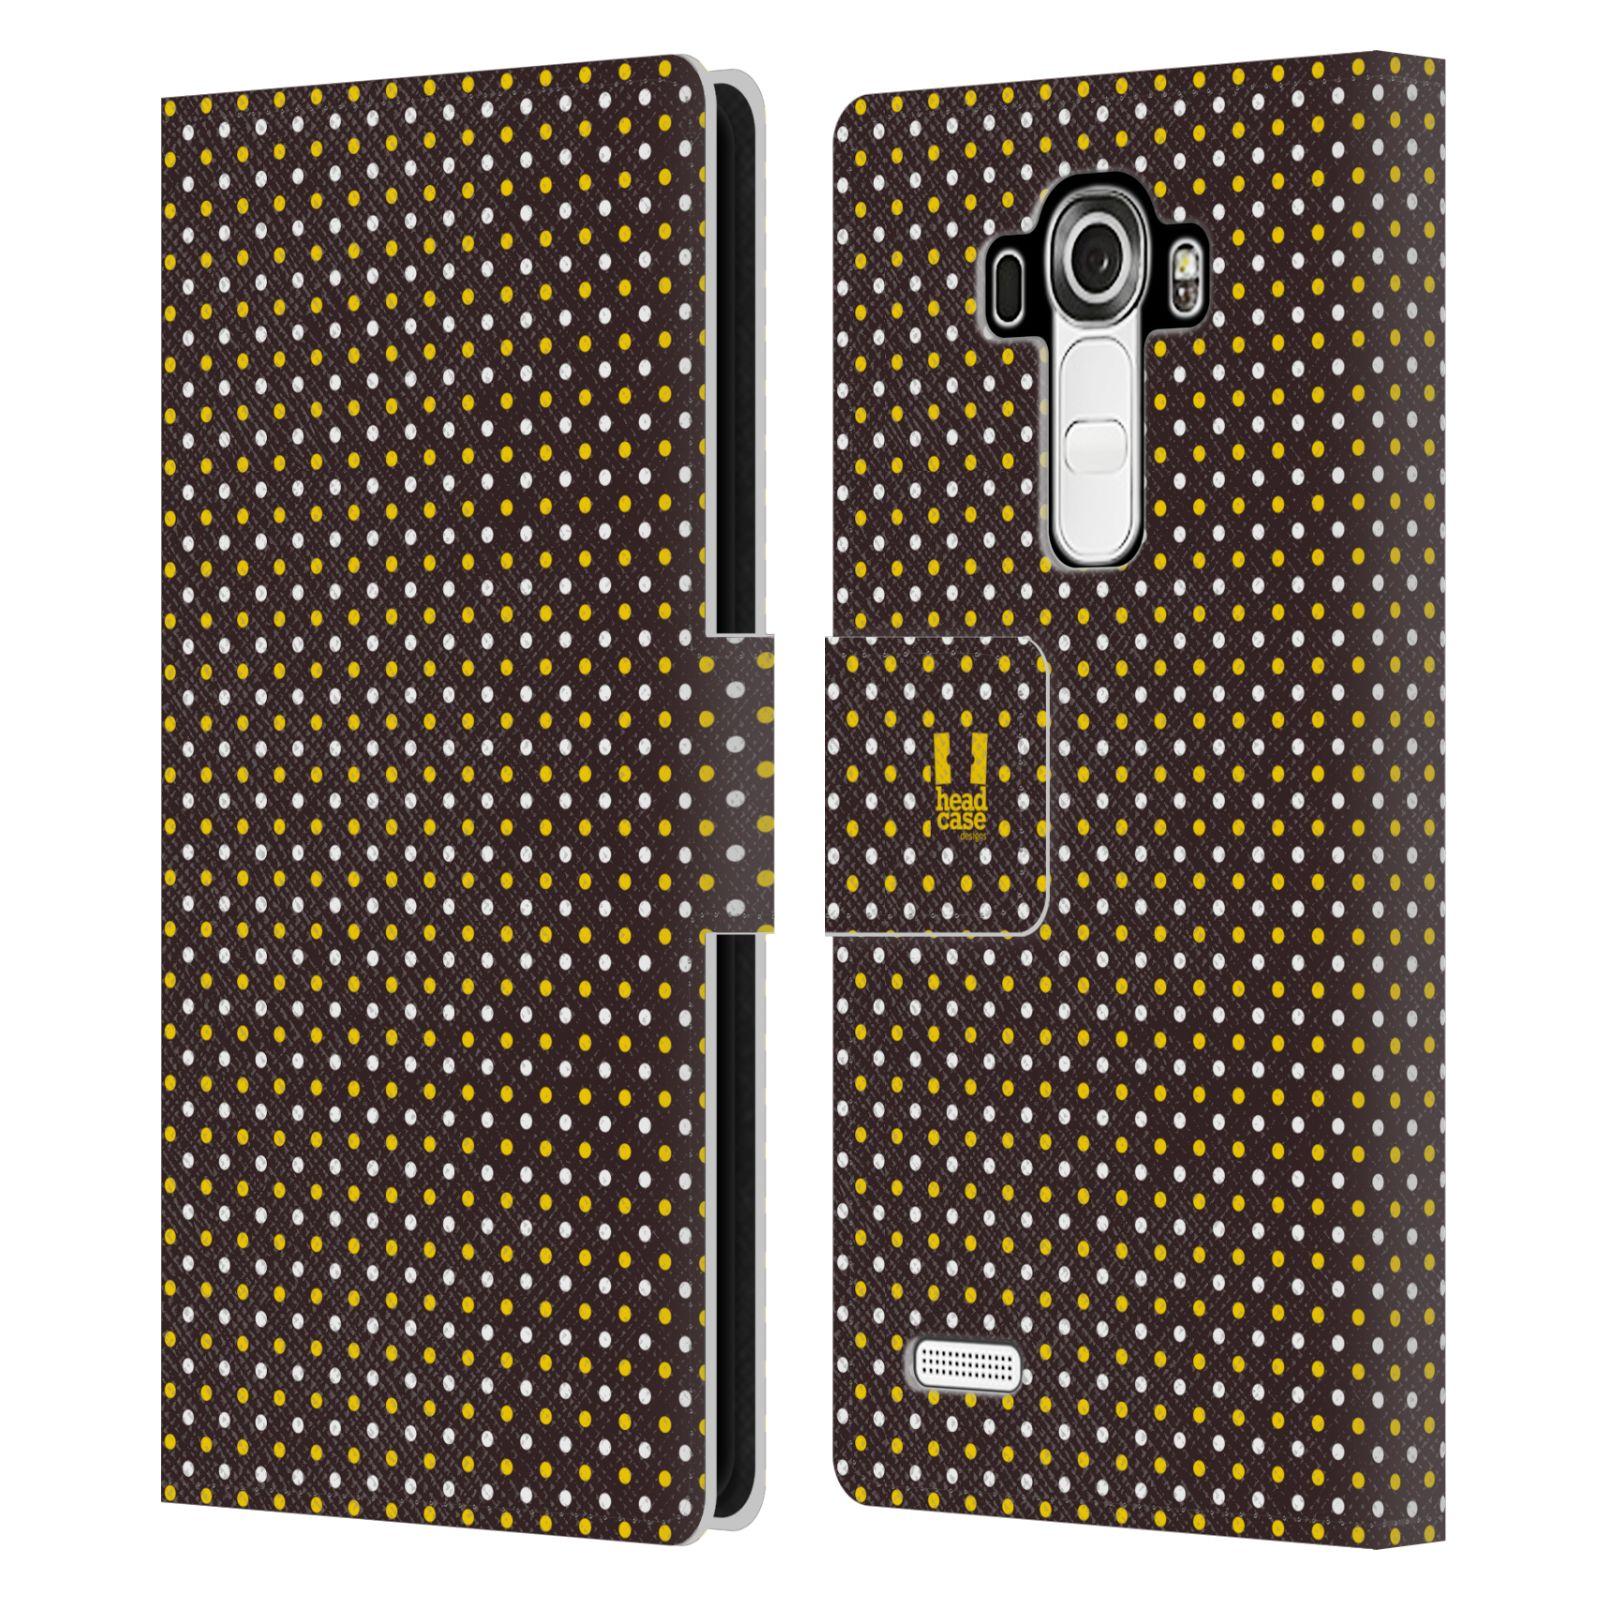 HEAD CASE Flipové pouzdro pro mobil LG G4 (H815) VČELÍ VZOR puntíky hnědá a žlutá